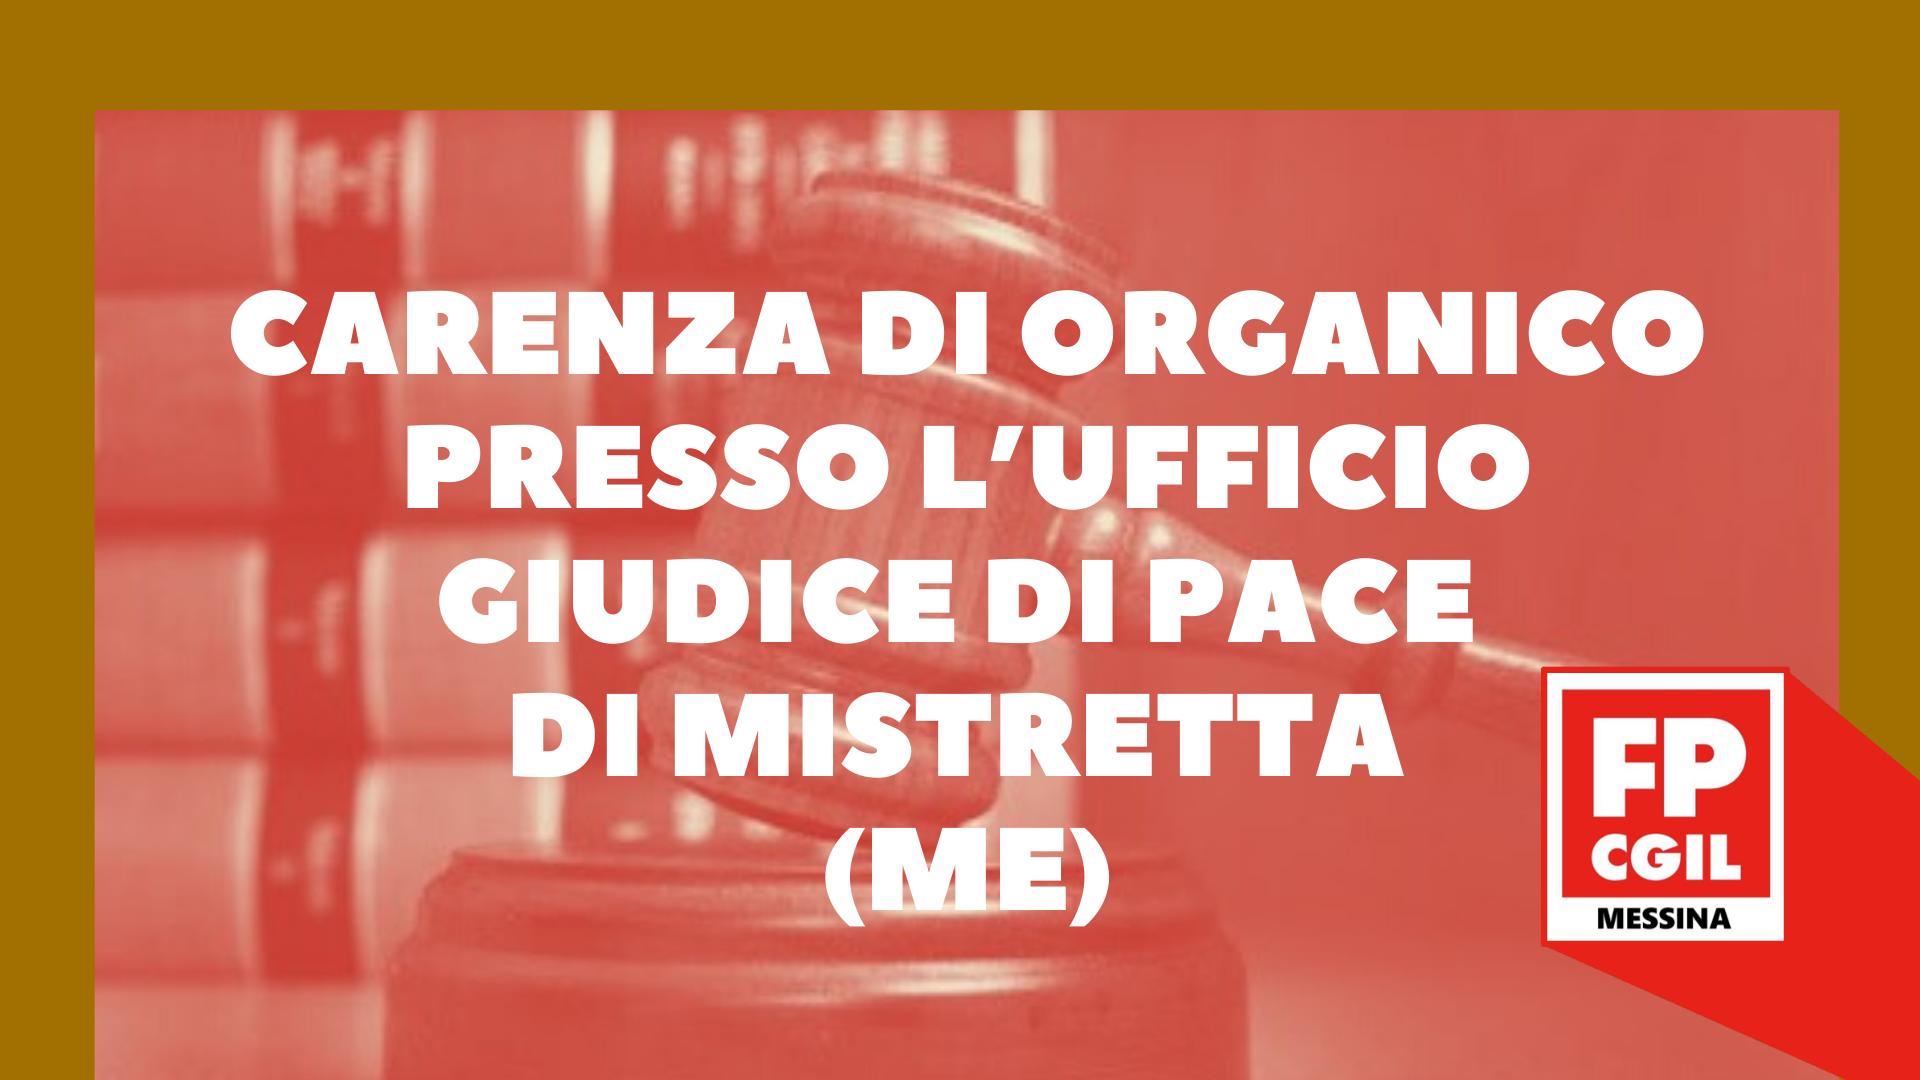 Carenza di organico presso l'Ufficio Giudice di Pace di Mistretta (ME). Atto di diffida ad adempiere alle disposizioni introdotte in materia di contenimento e gestione dell'emergenza COVID-19